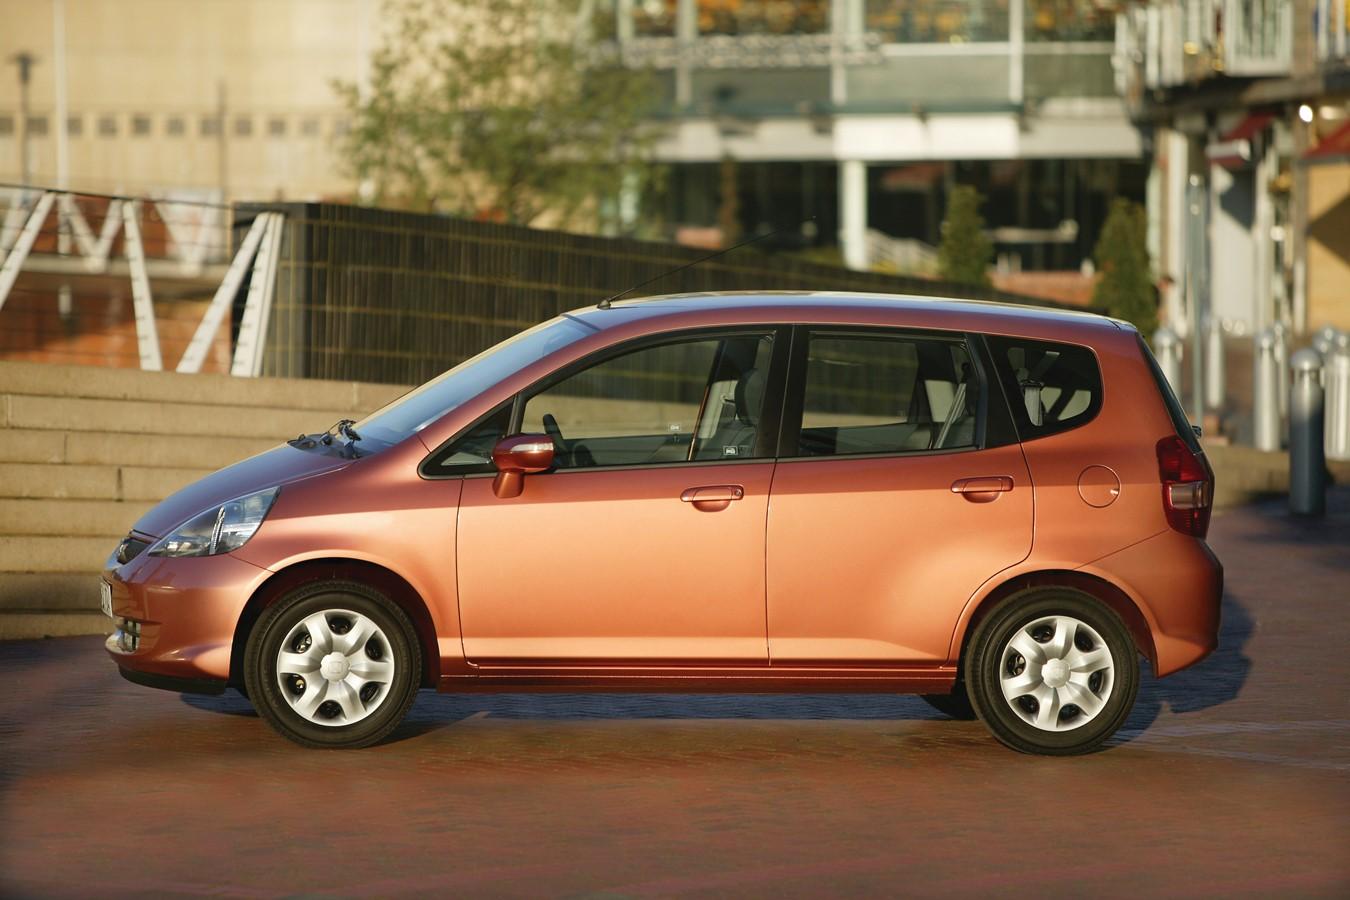 Kelebihan Honda Jazz 2005 Top Model Tahun Ini